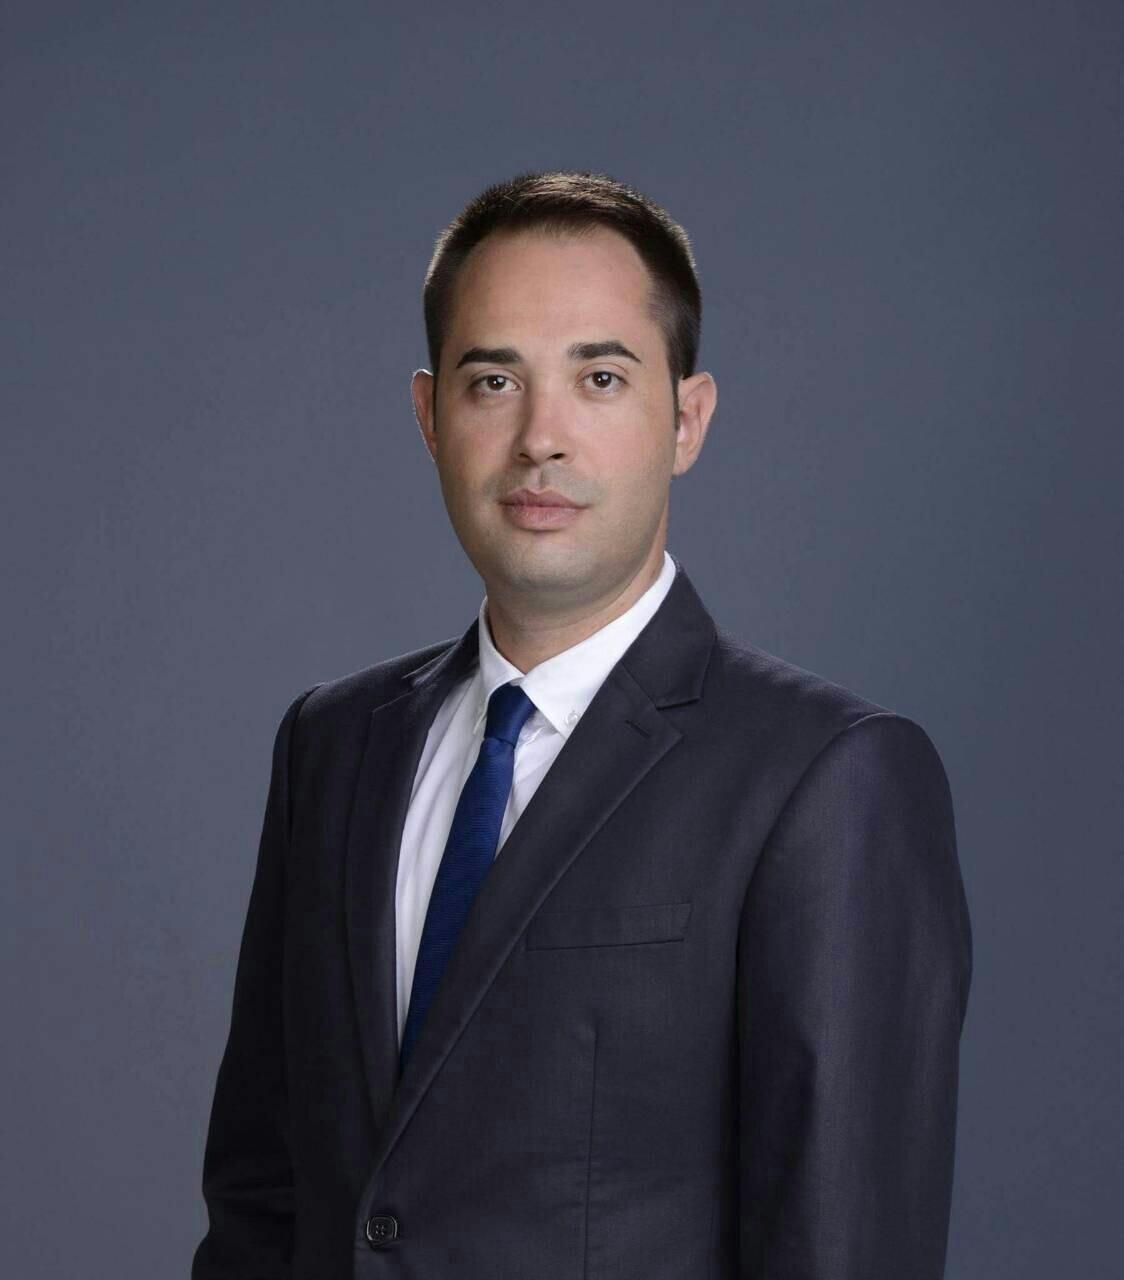 Кметът на Лозенец Любомир Дреков, обвинен по сигнал до ДАНС за участие в организирана престъпна група.